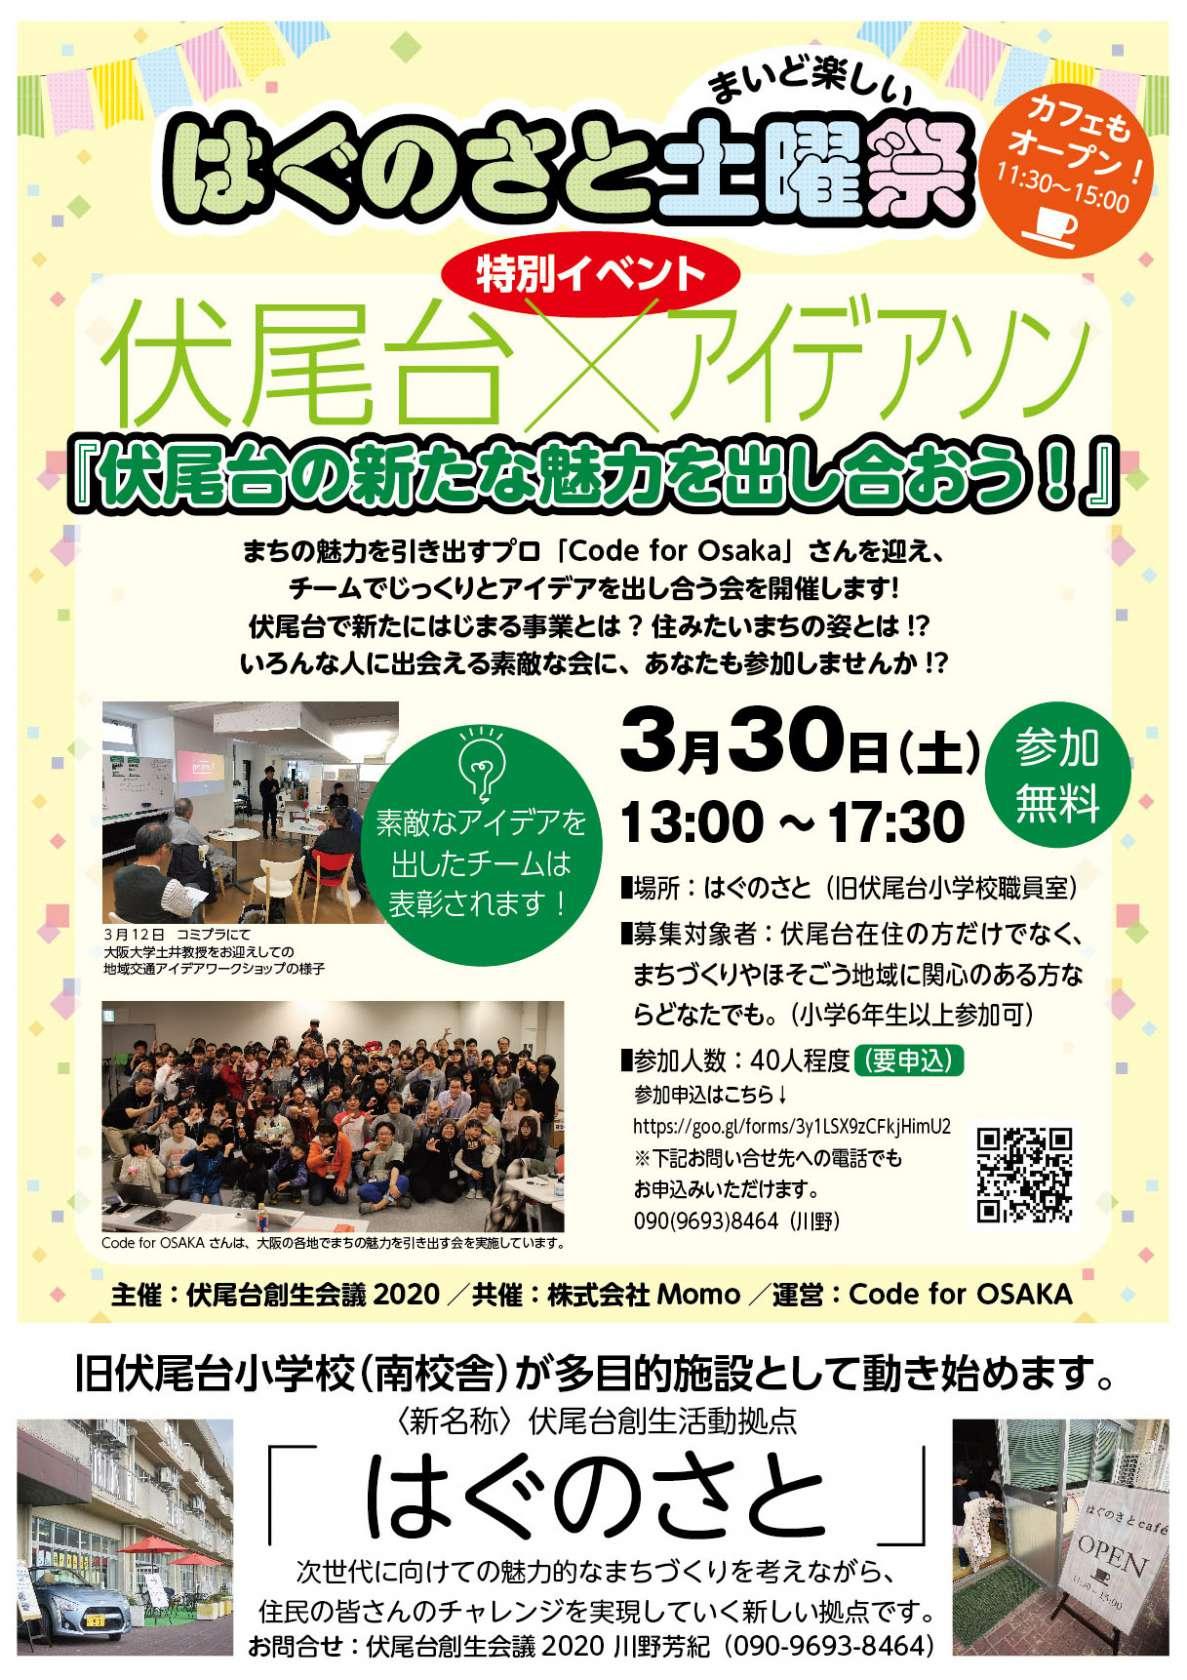 3月30日はぐのさと土曜祭『伏尾台魅力アイデアソン』伏尾台の新たな魅力を出し合おう!